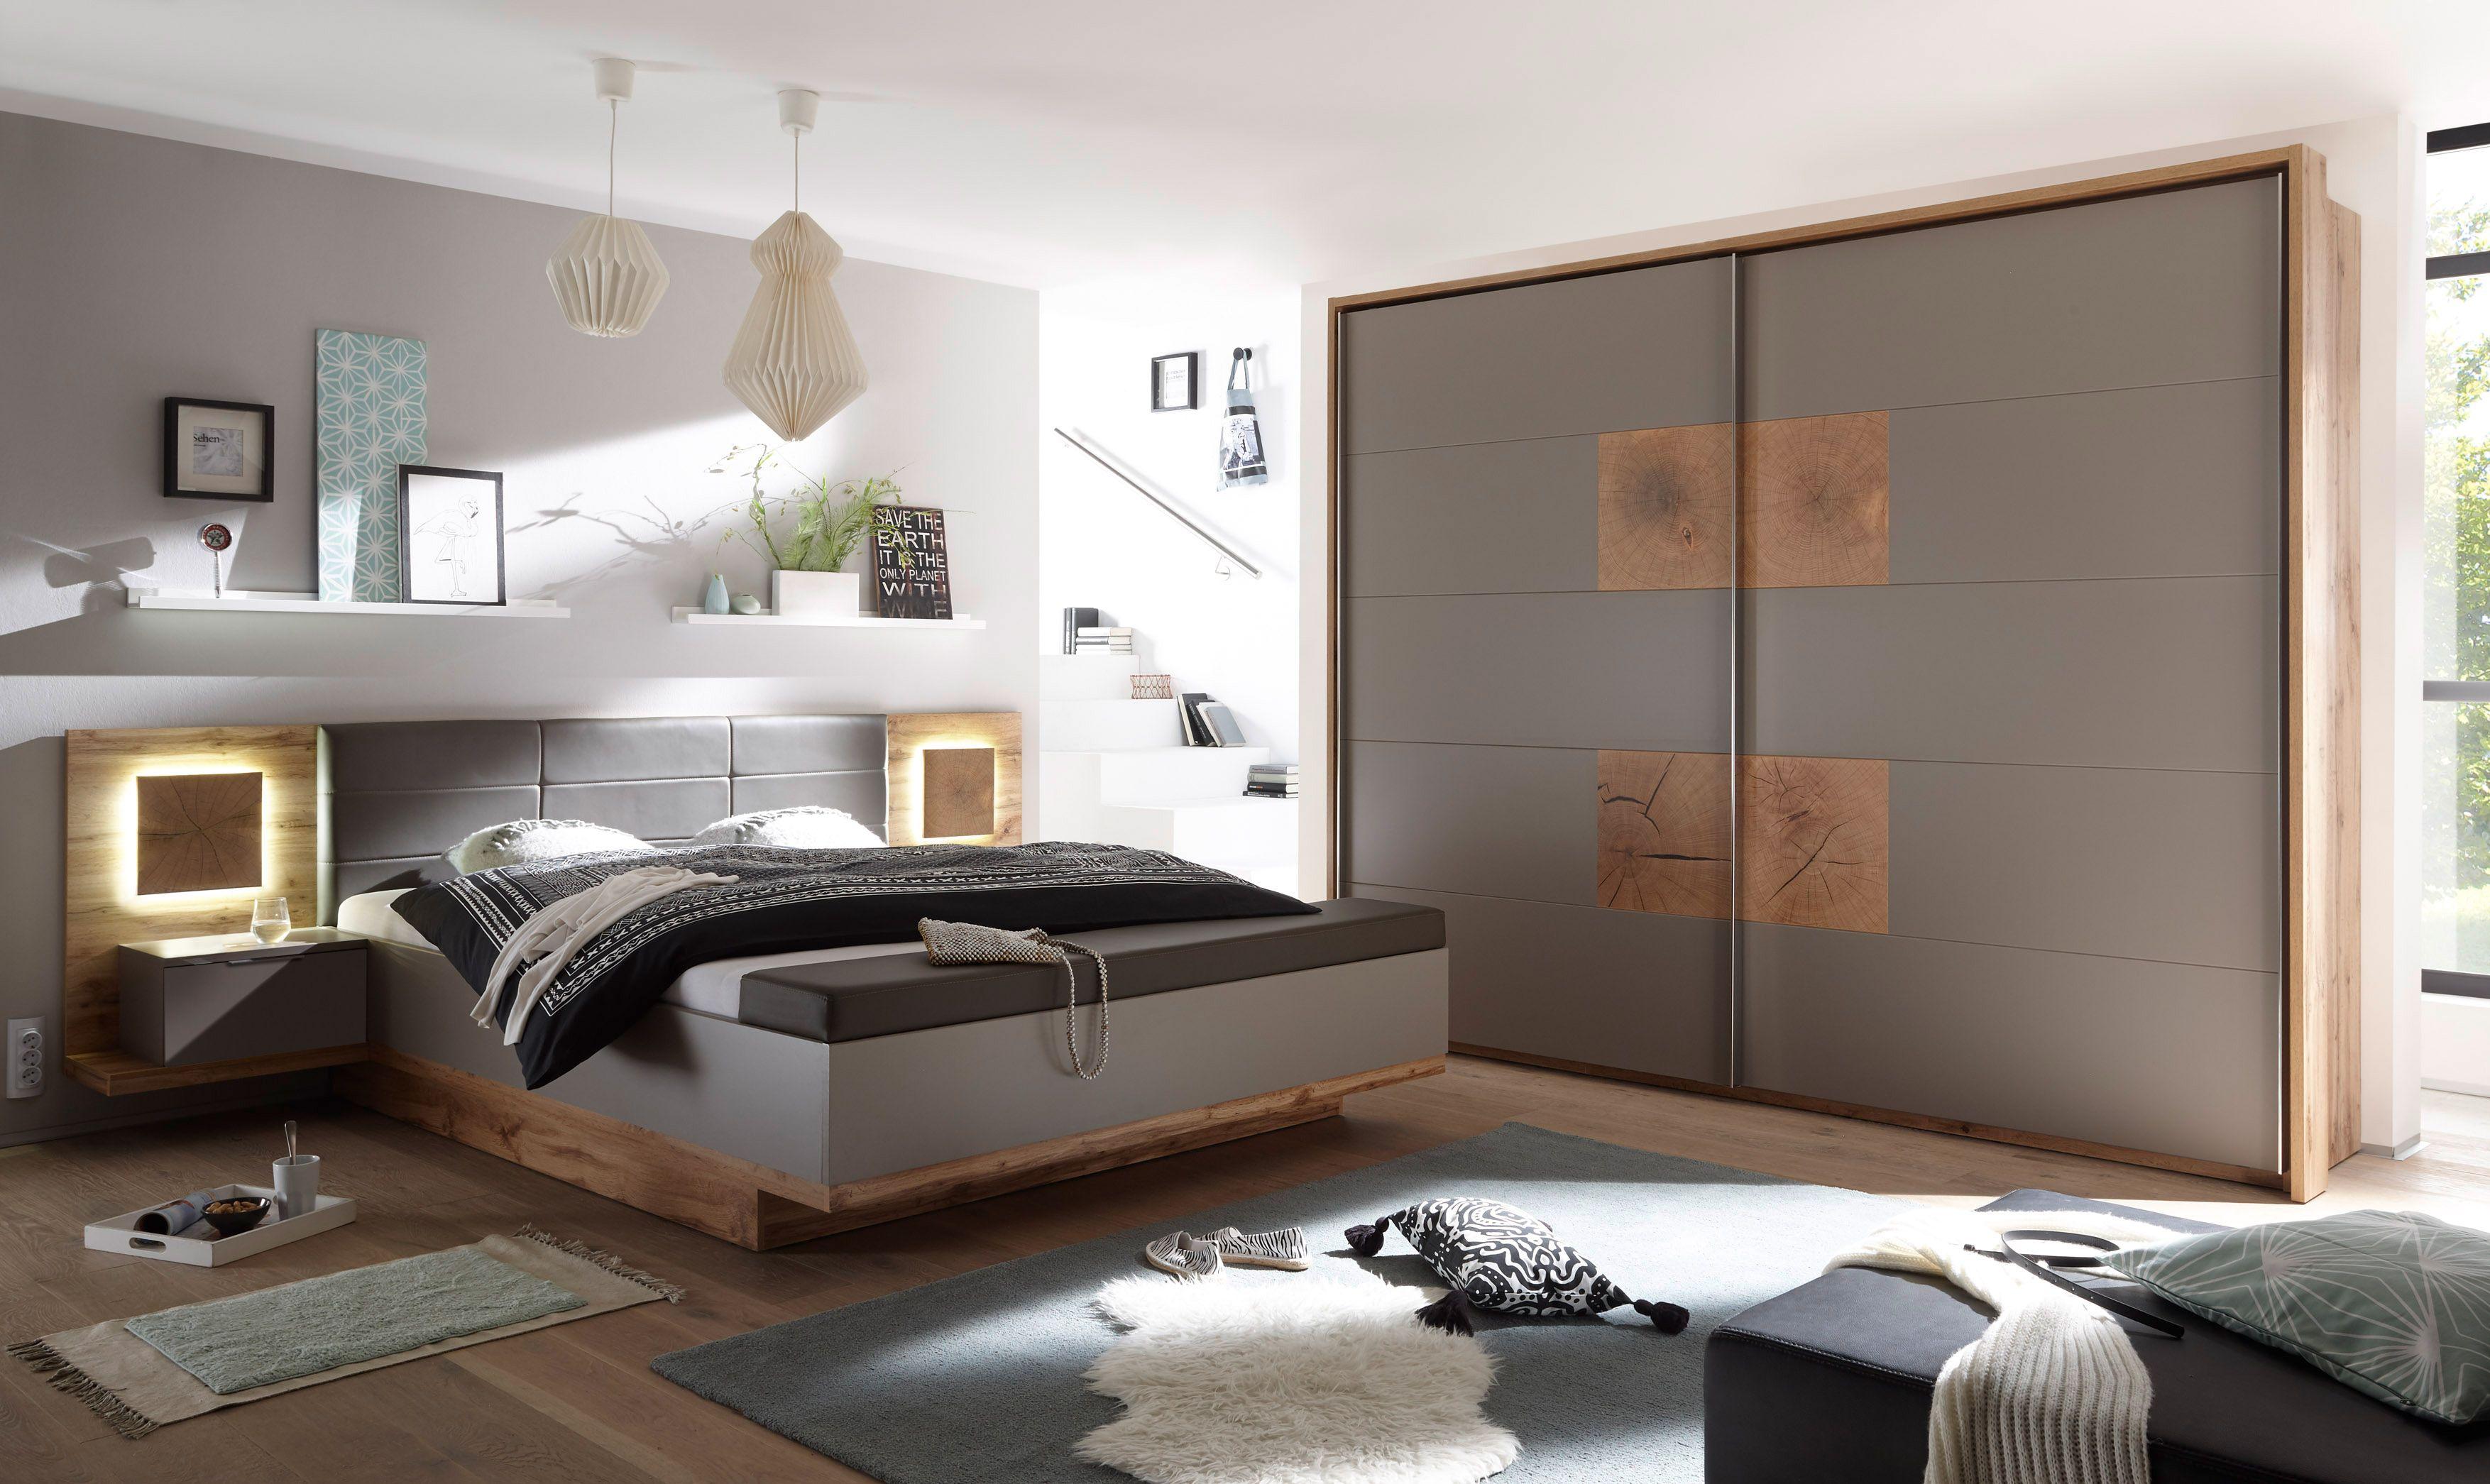 Schlafzimmer Komplett Set 4 Tlg Capri Xl Bett 180 Dekoration